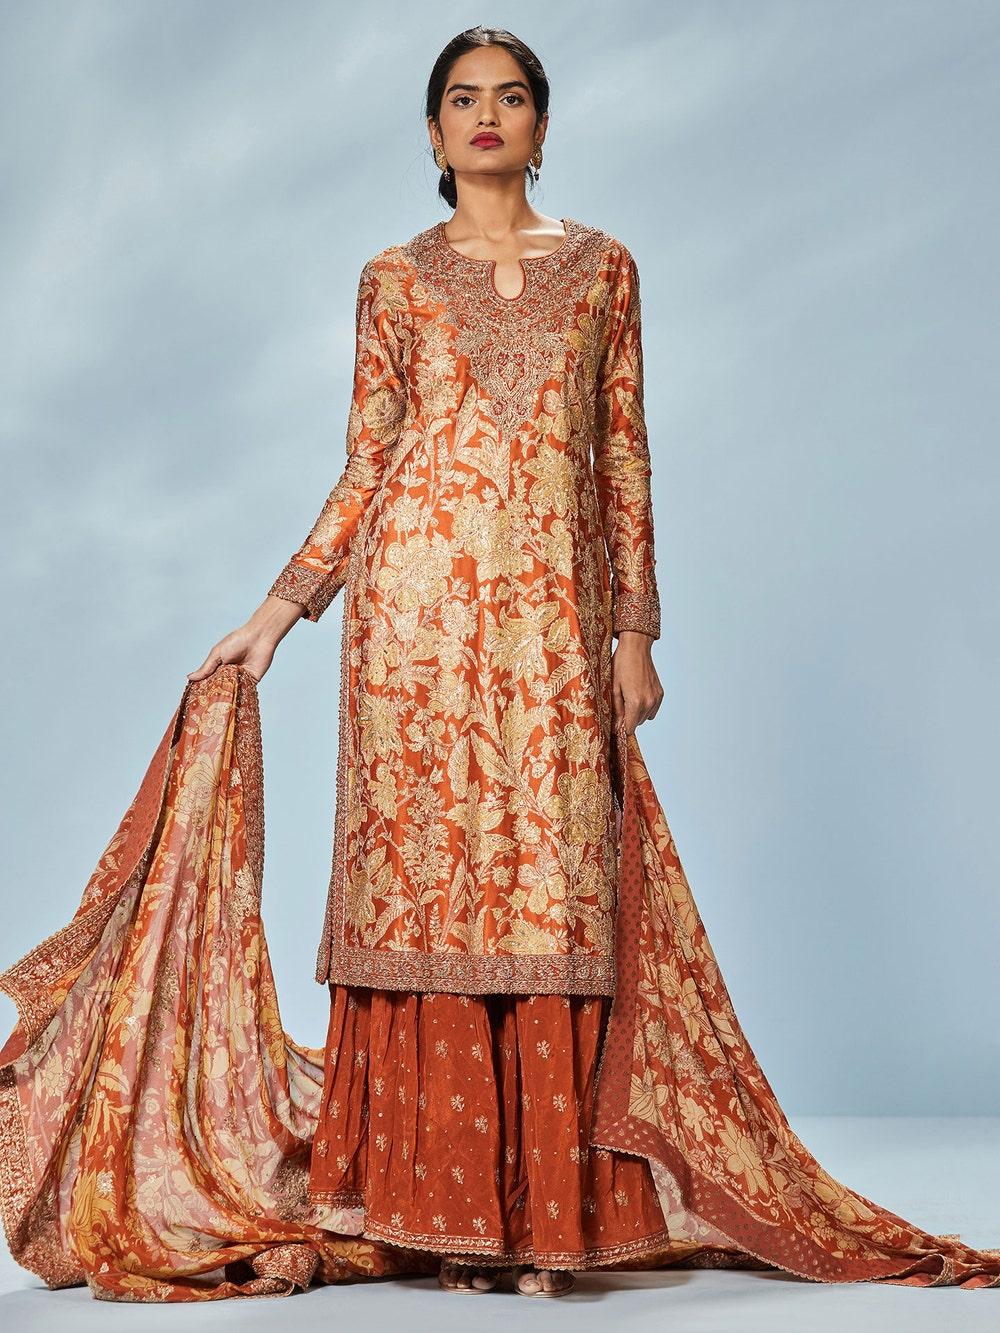 Rust & Beige Chameli Aari Hand Embroidered Suit Set